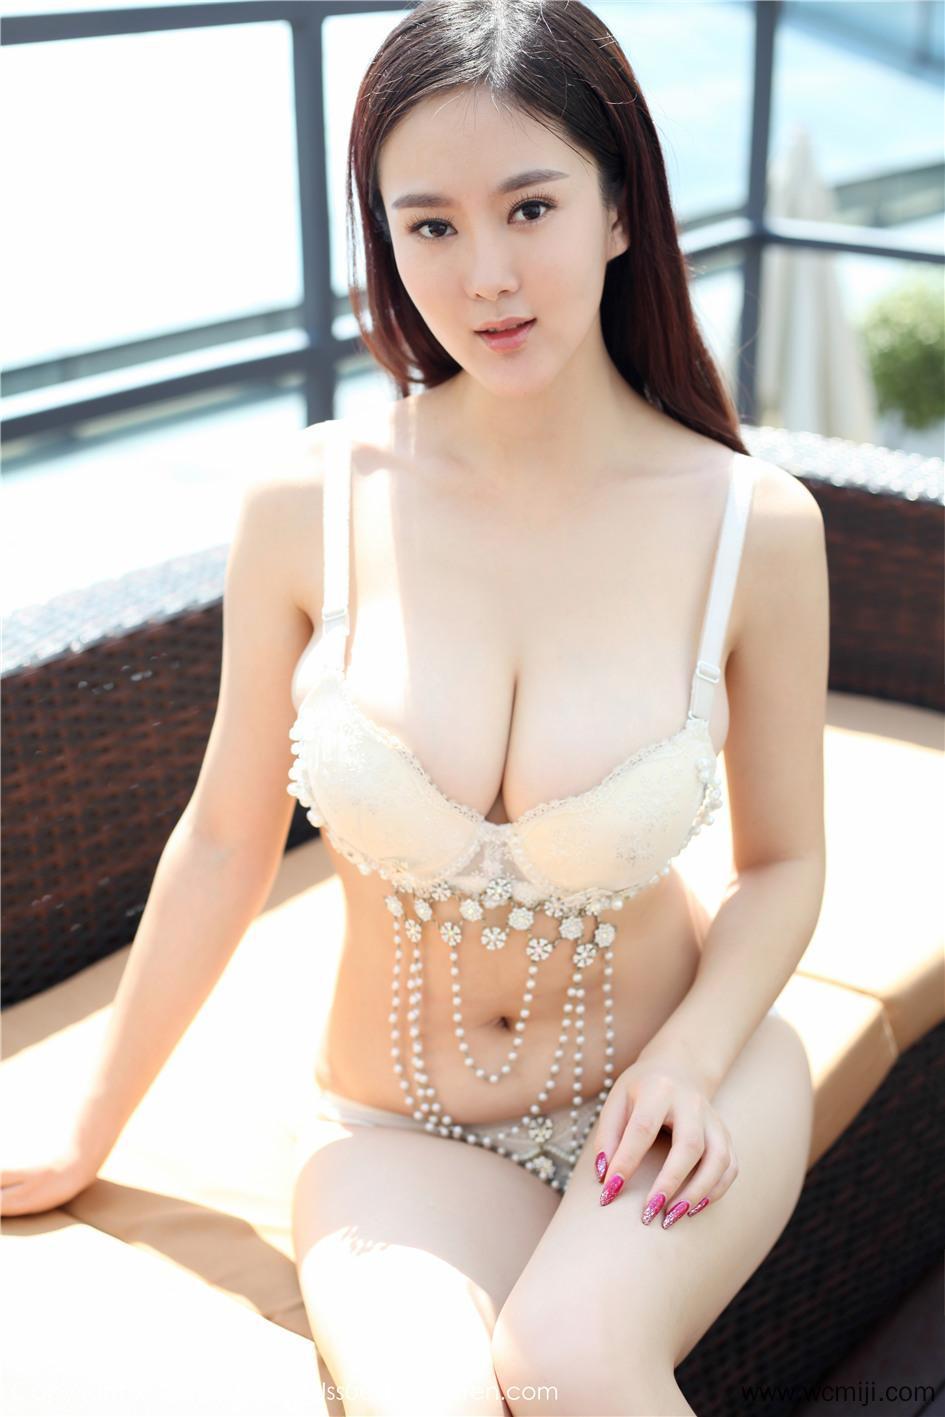 【模特】【易阳ELLY】气质美女易阳ELLY内衣外景写真摄影VOL.025【32P】 性感内衣